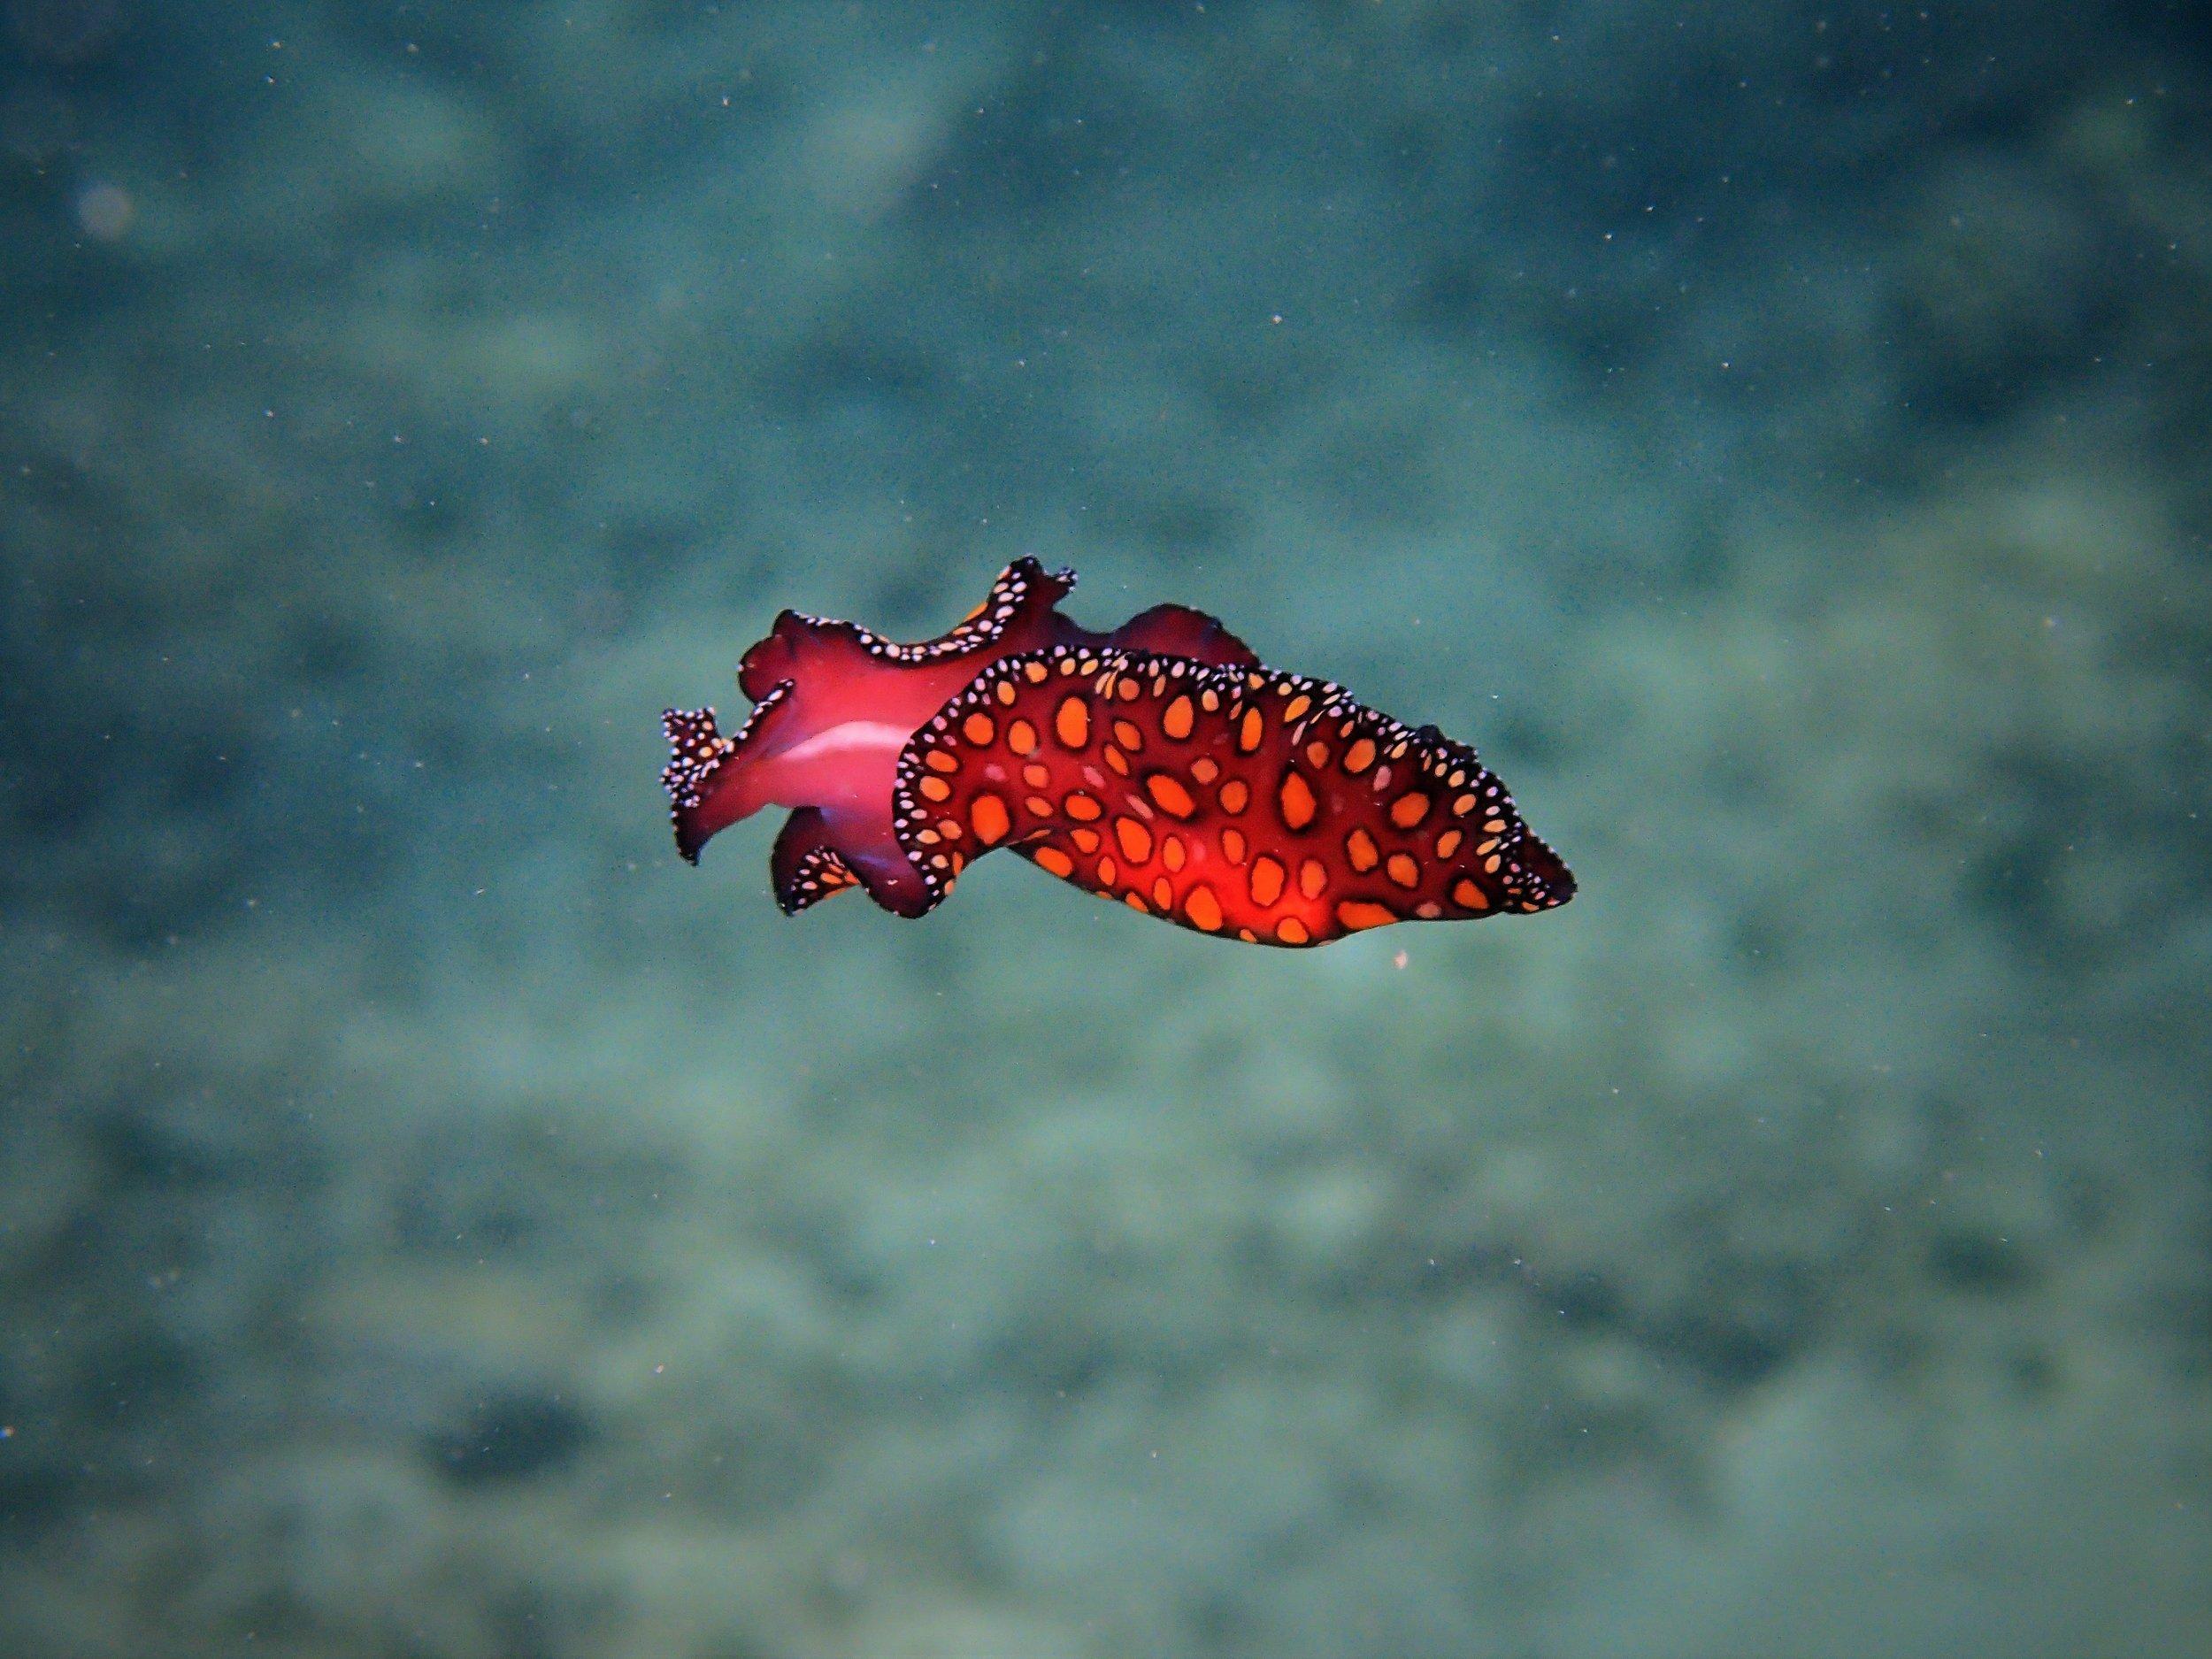 leopard sea slug2.jpg